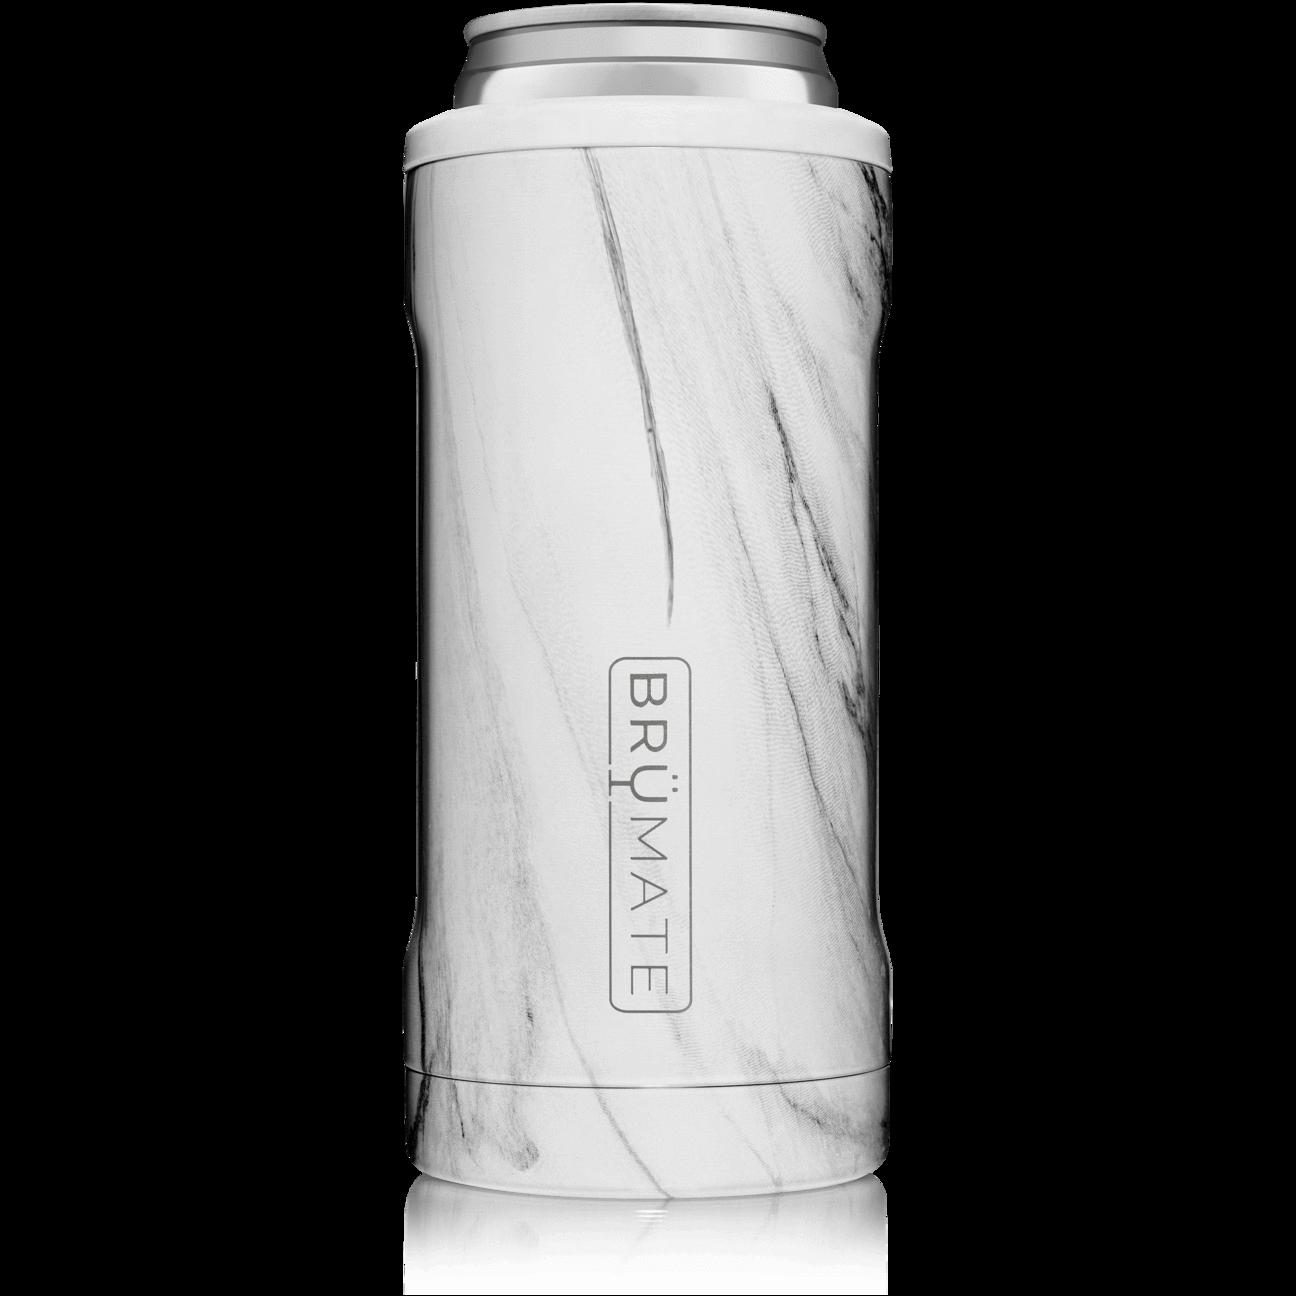 Brumate Carrara Slim